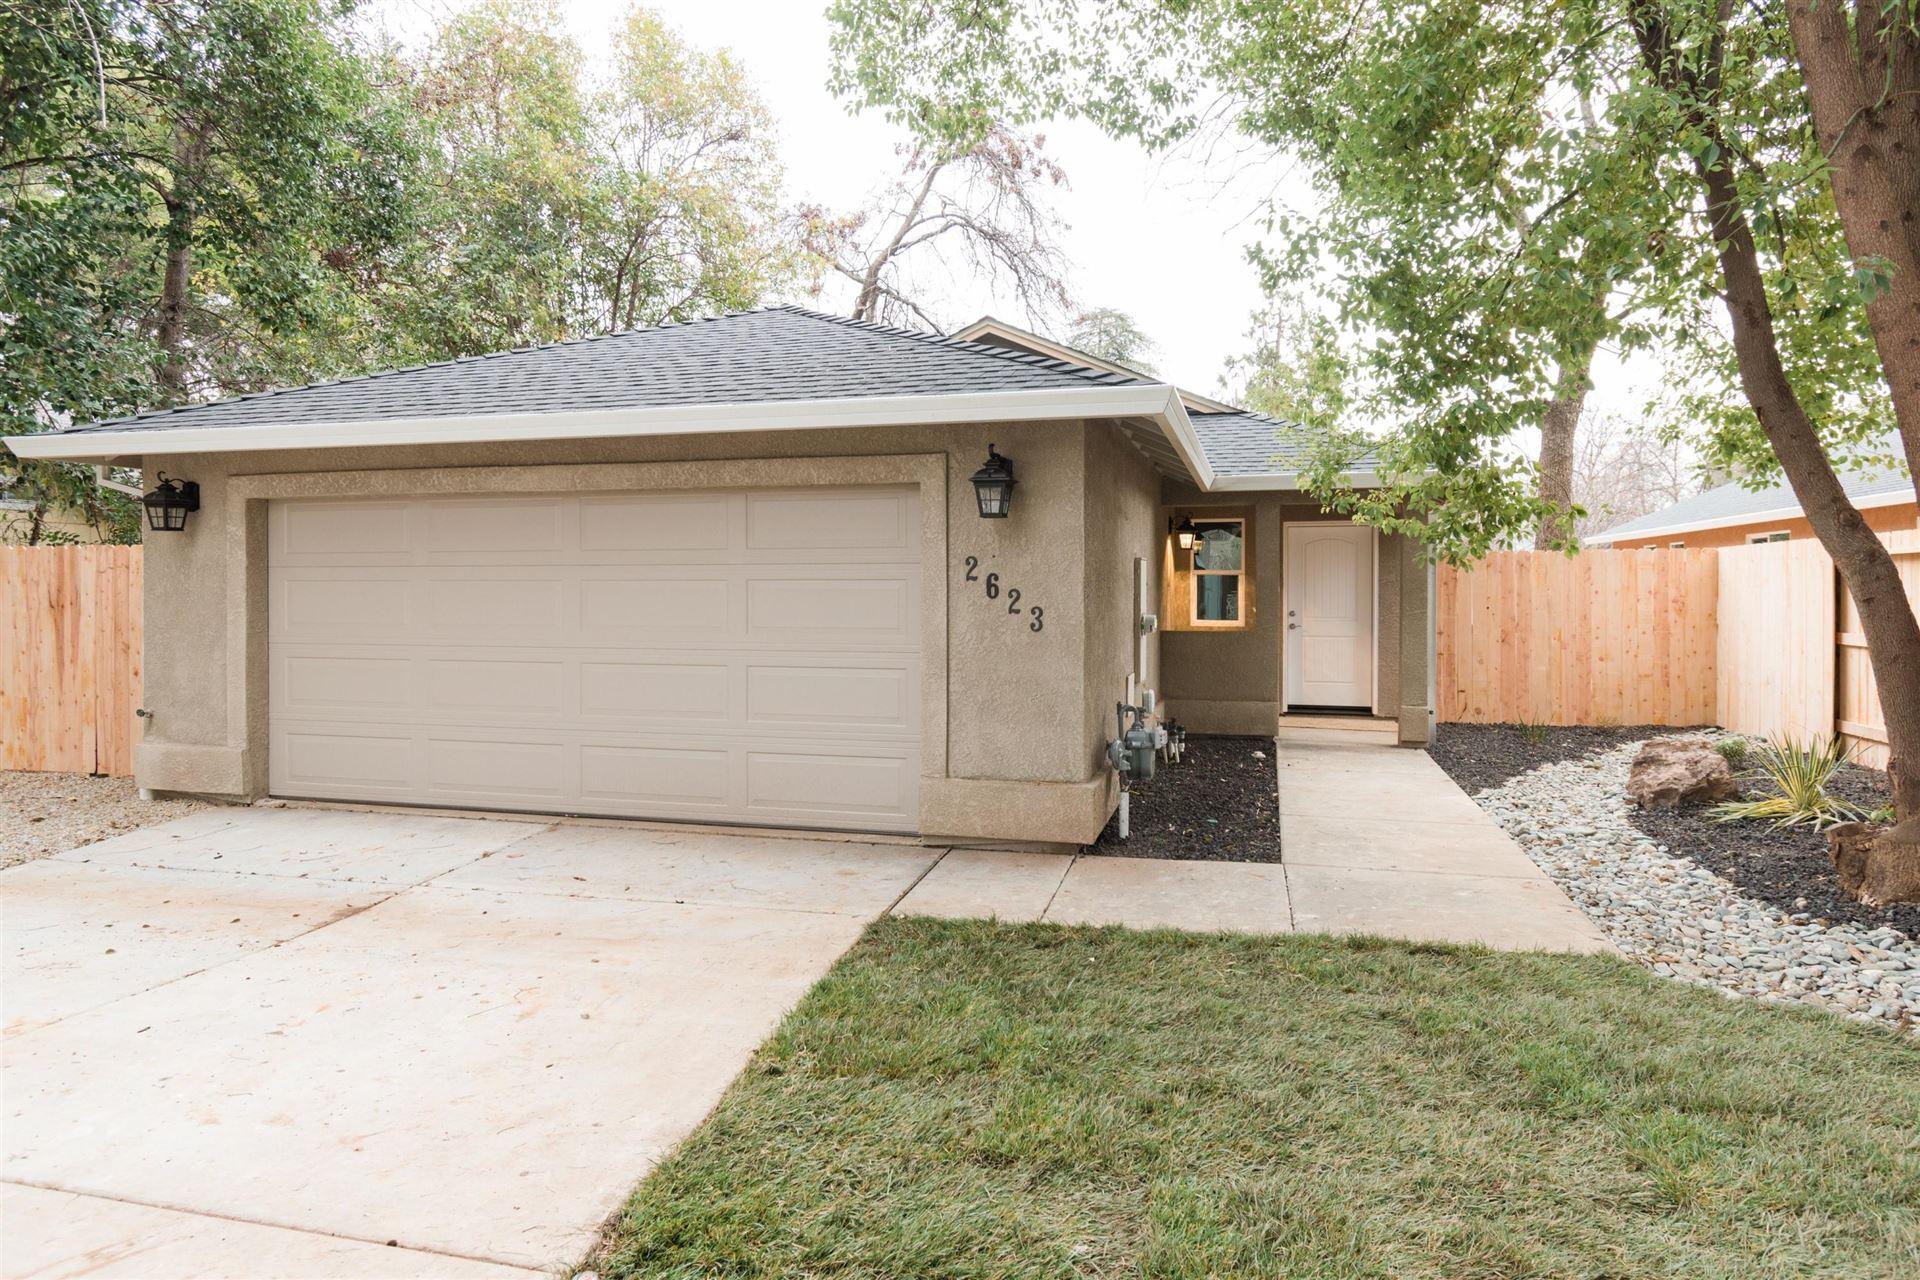 1740 Ashby Rd, Shasta Lake, CA 96019 - MLS#: 21-3384